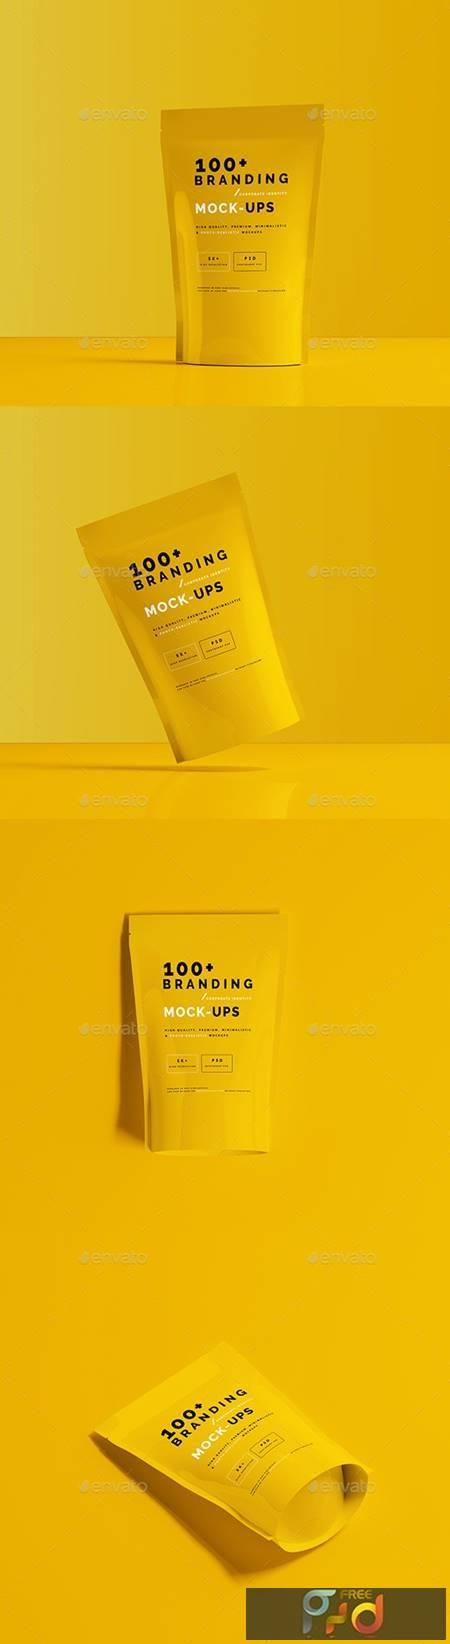 Doy Pack Mockup 29720571 1